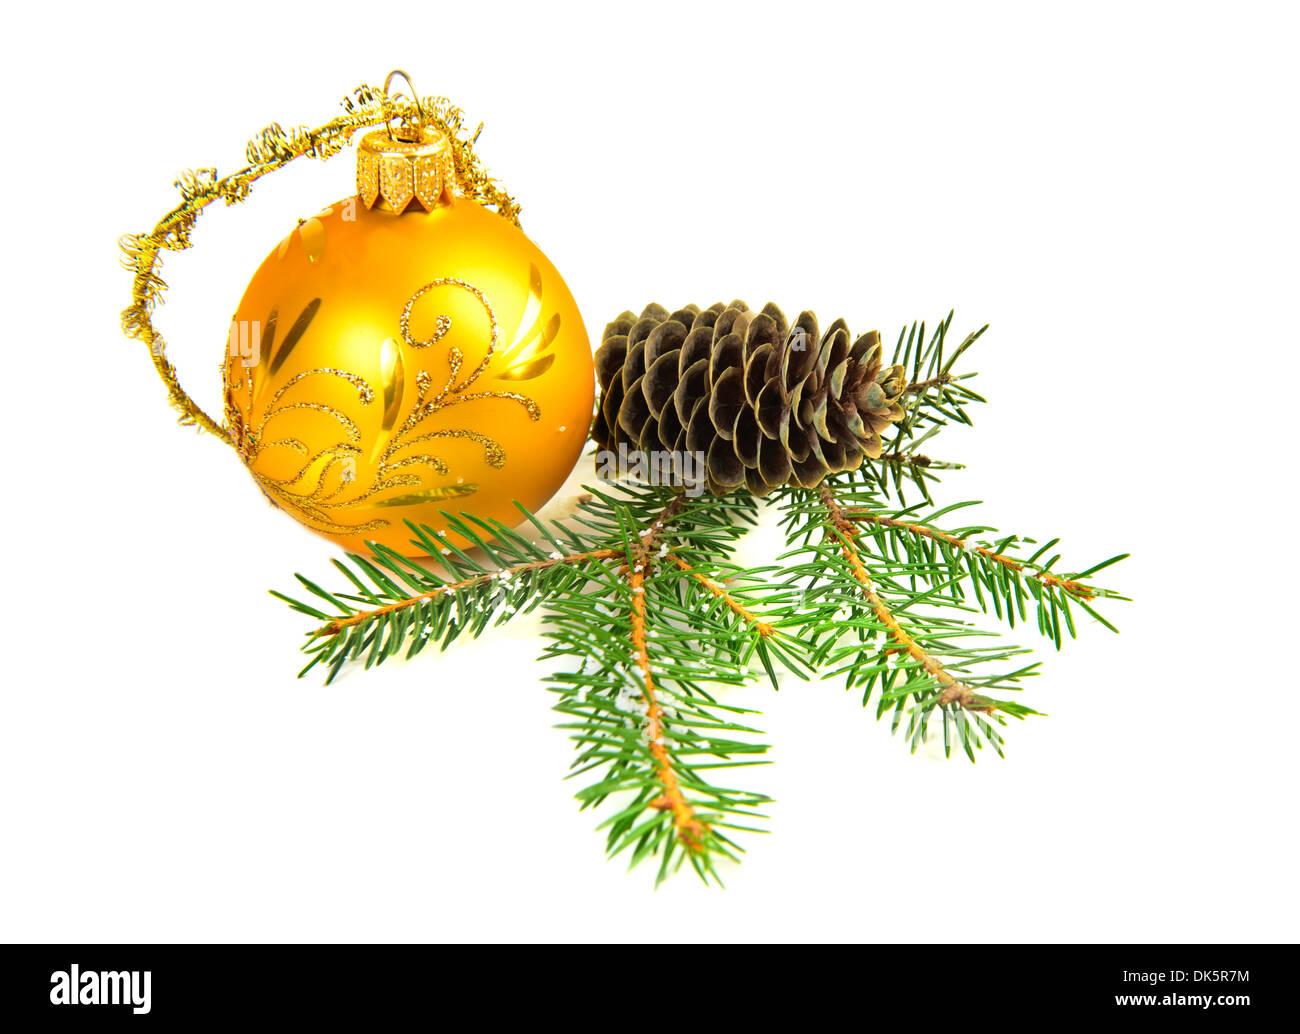 Weihnachten Dekoration Kugel Kegel Kiefer Stockbild